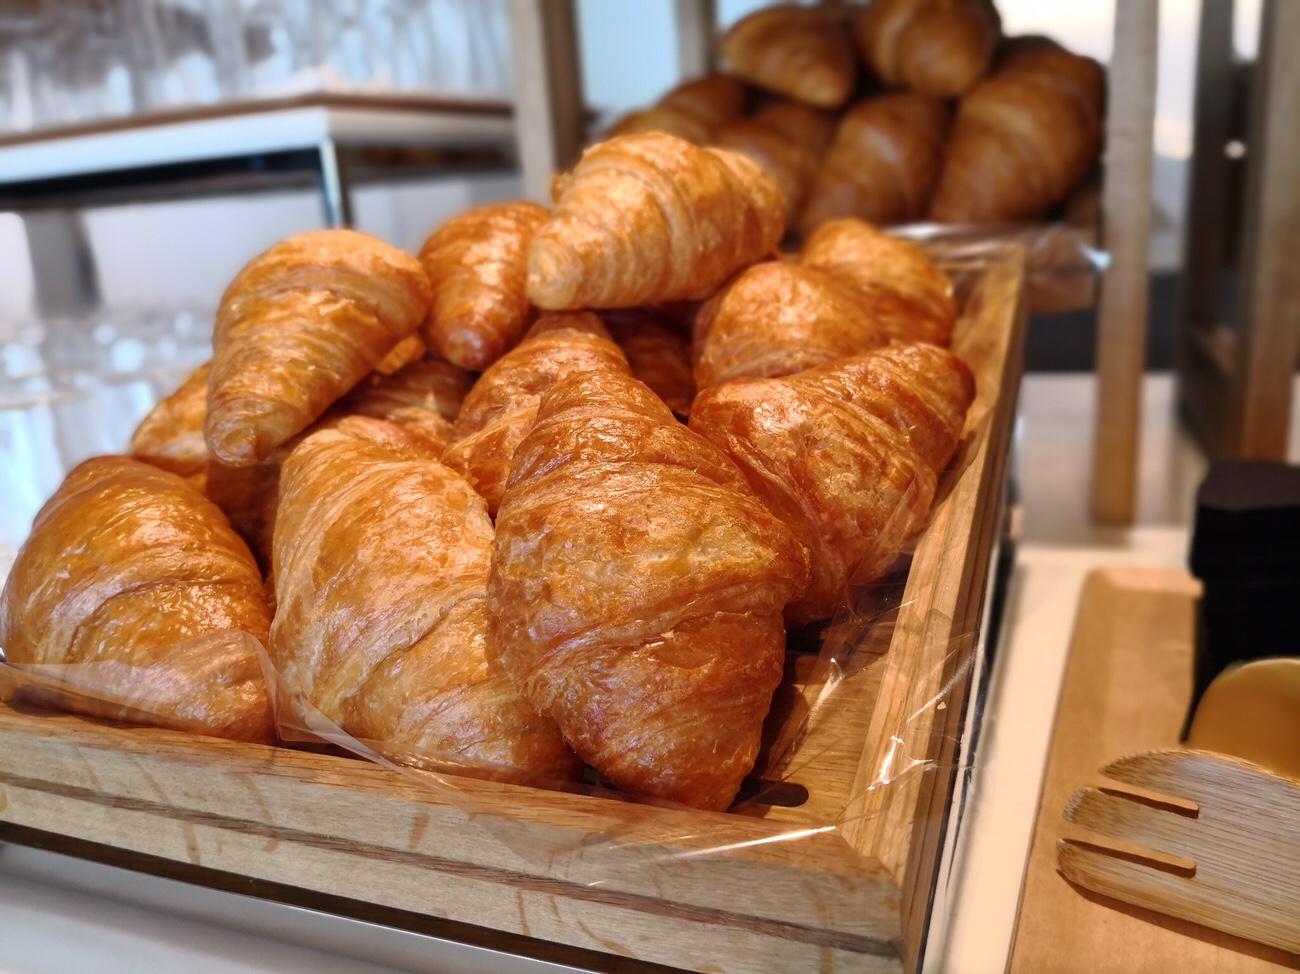 羽田空港 無料の朝食が食べられる空港ラウンジ